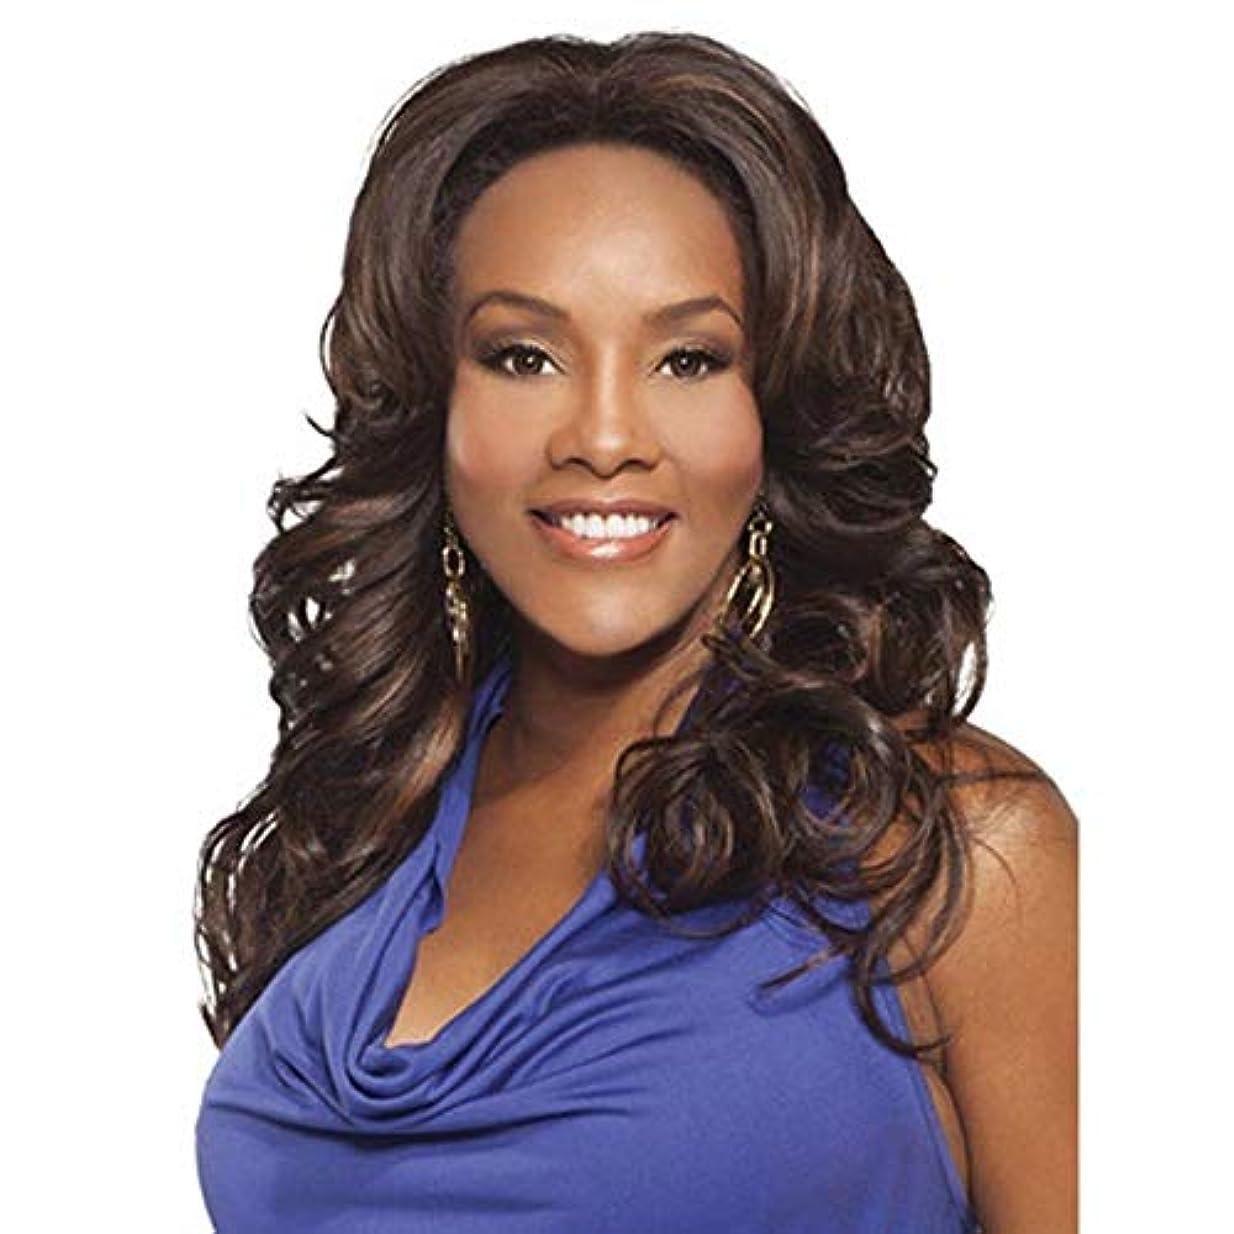 経由で苦しむ解凍する、雪解け、霜解けWASAIO 黒人女性完全な頭部の髪ダークブラウンコスプレパーティーウィッグまたは日常生活+無料ウィッグキャップ用ウィッグ (色 : ブラウン)